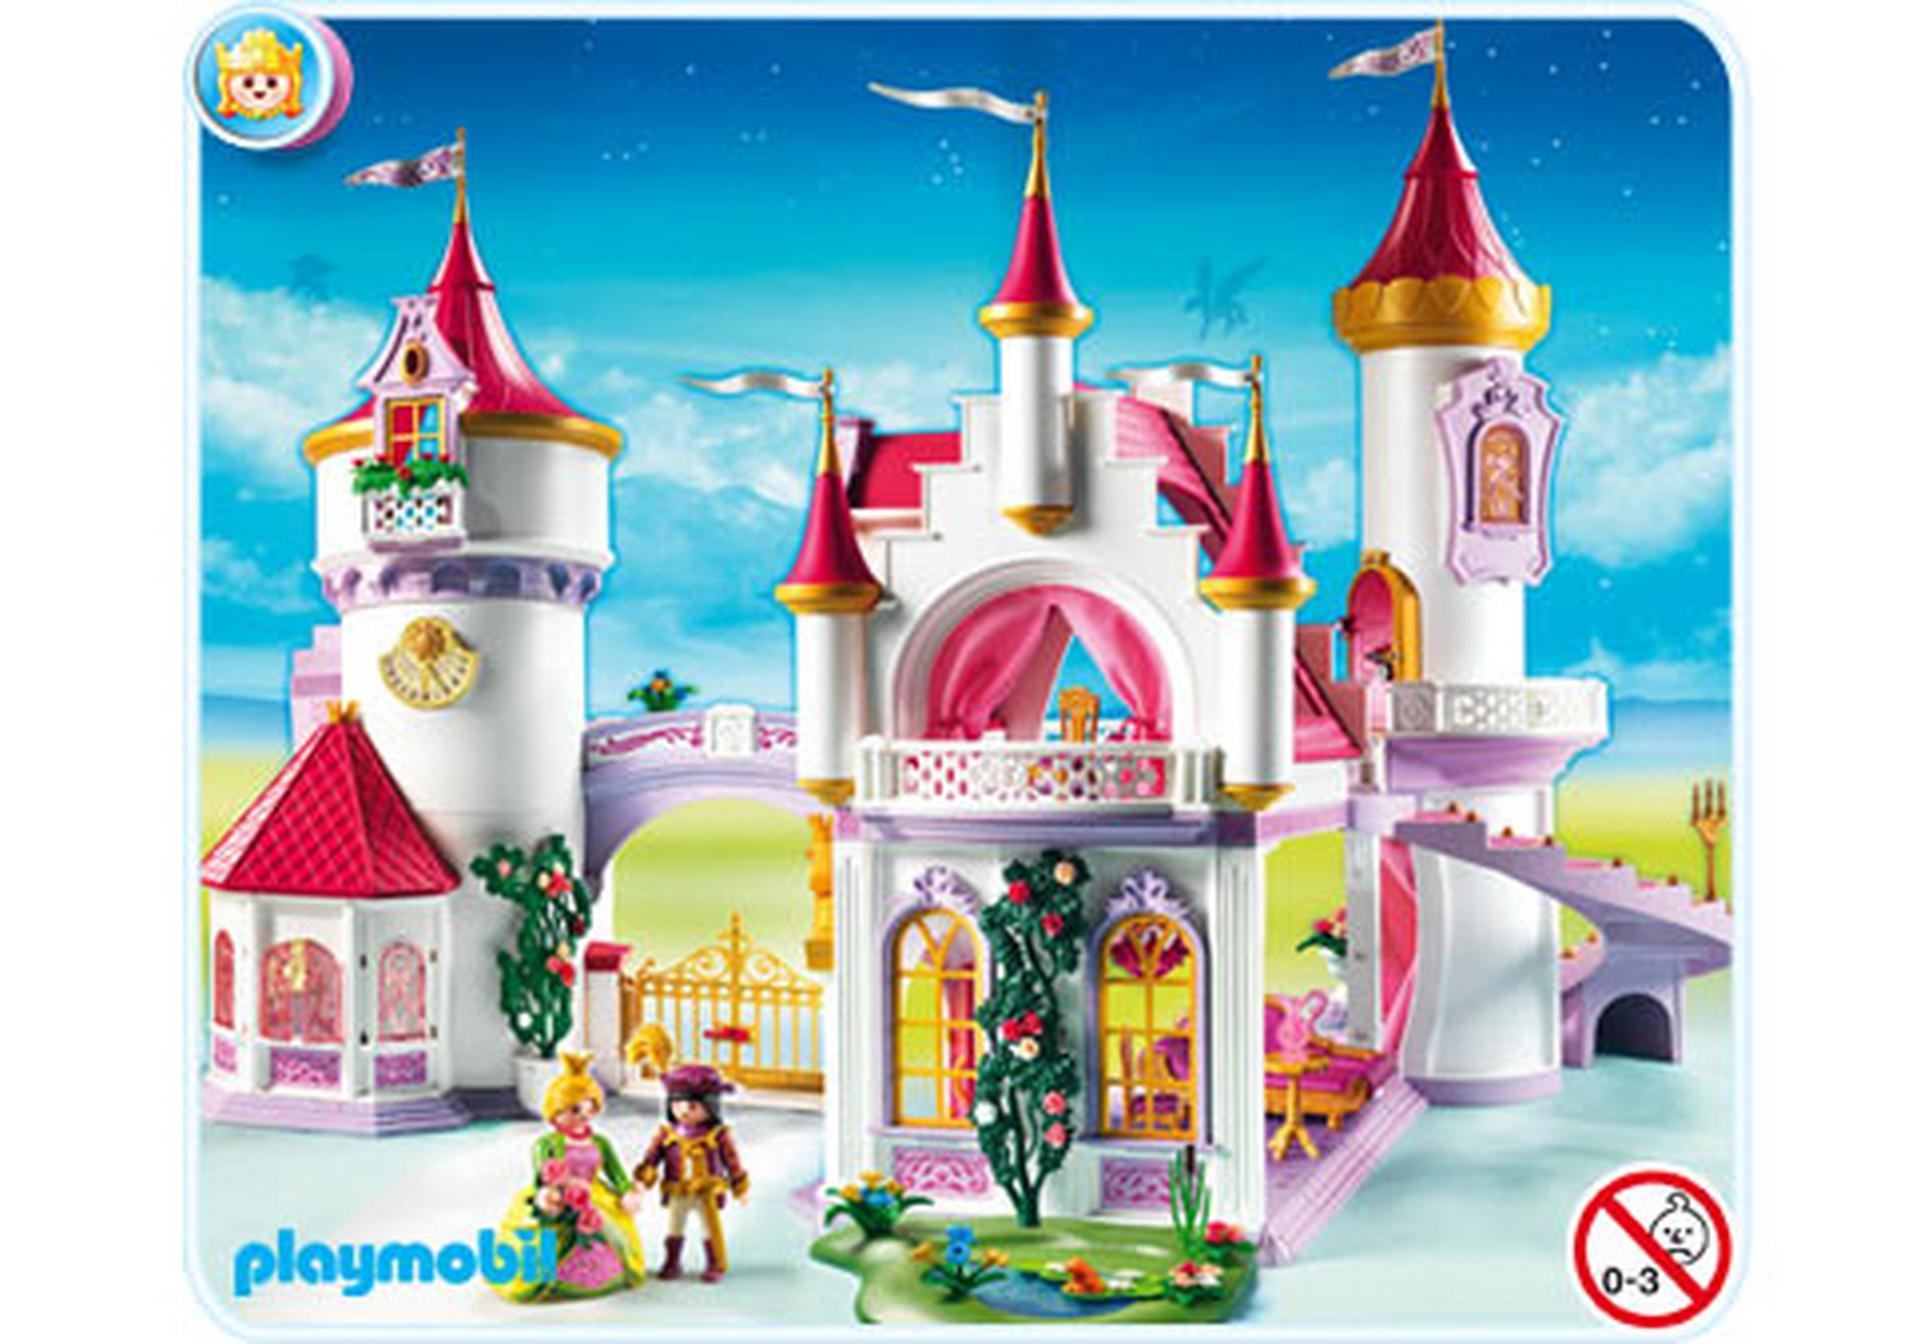 Palais de princesse 5142 a playmobil suisse for Chateau princesse playmobil 5142